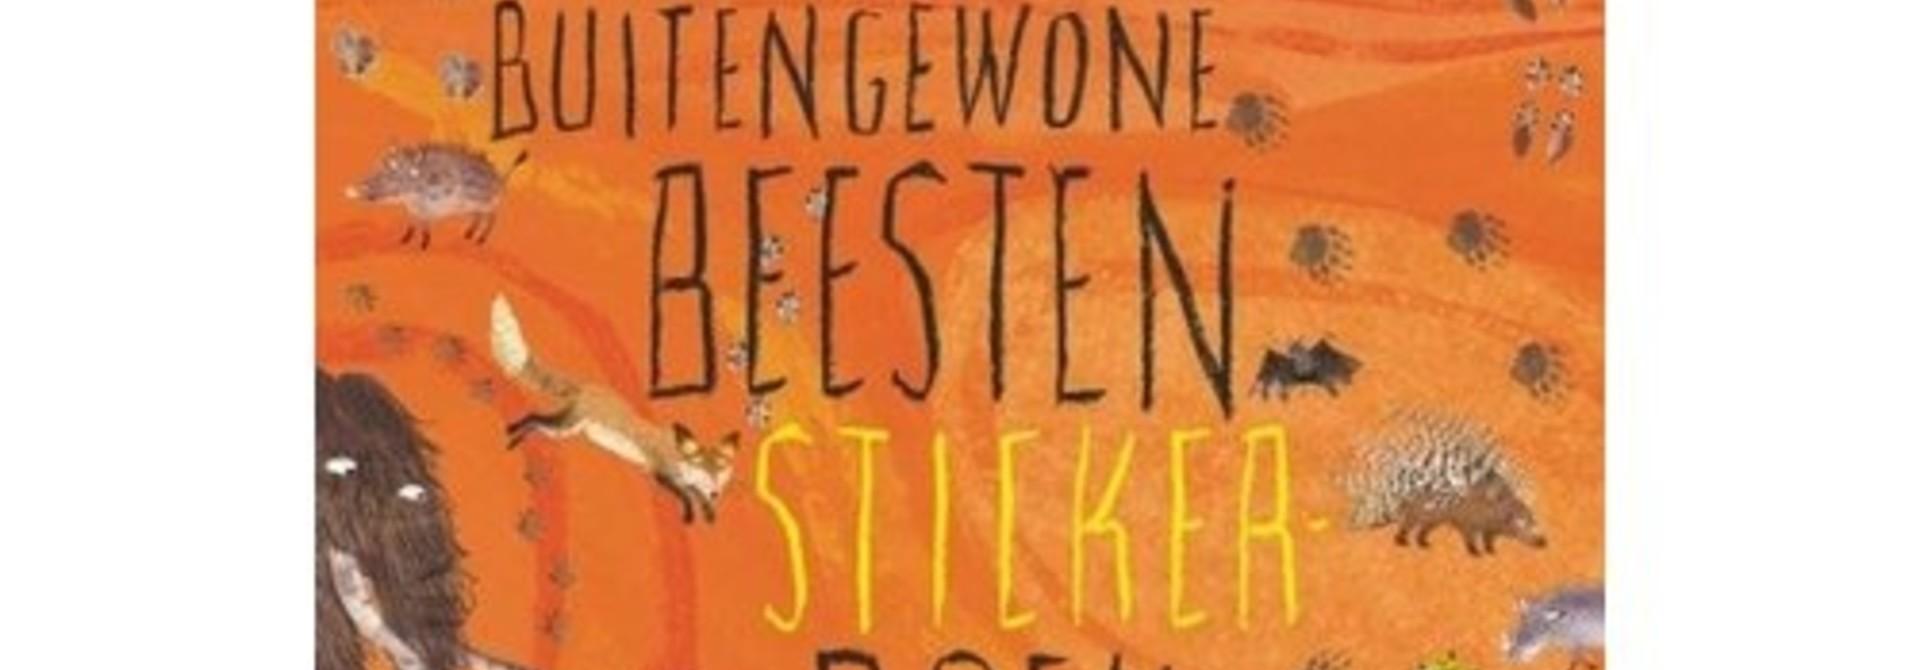 Het Buitengewone Beesten Sticker Book